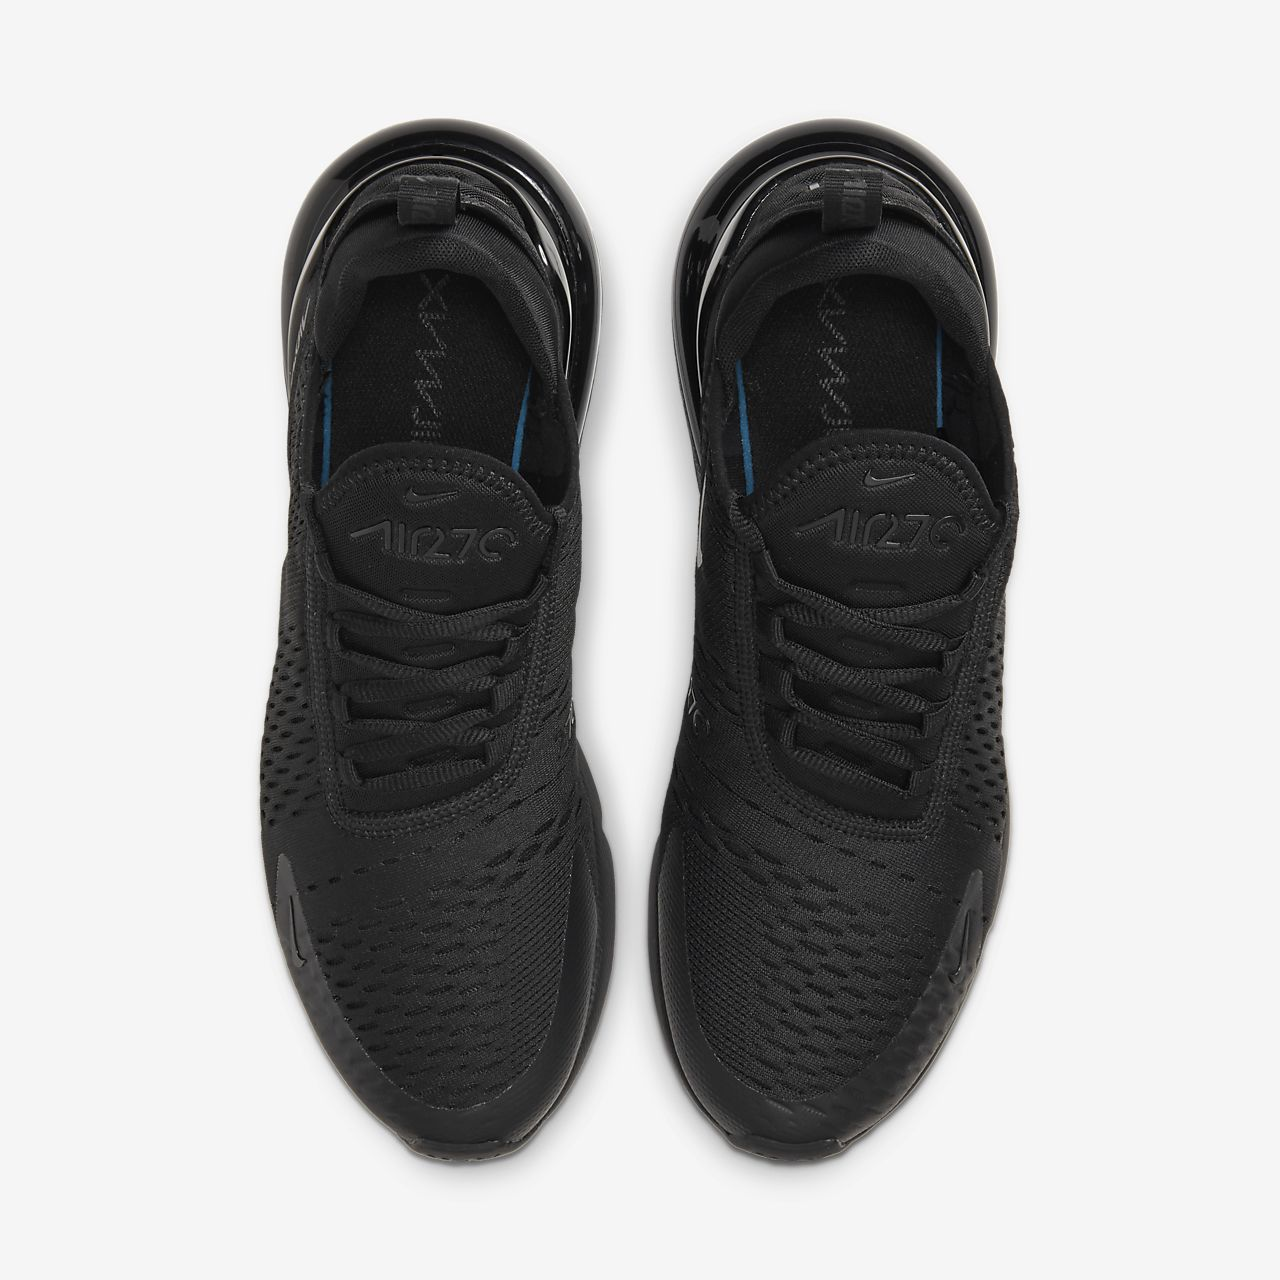 7fcb077dab9d0 Calzado para hombre Nike Air Max 270. Nike.com MX